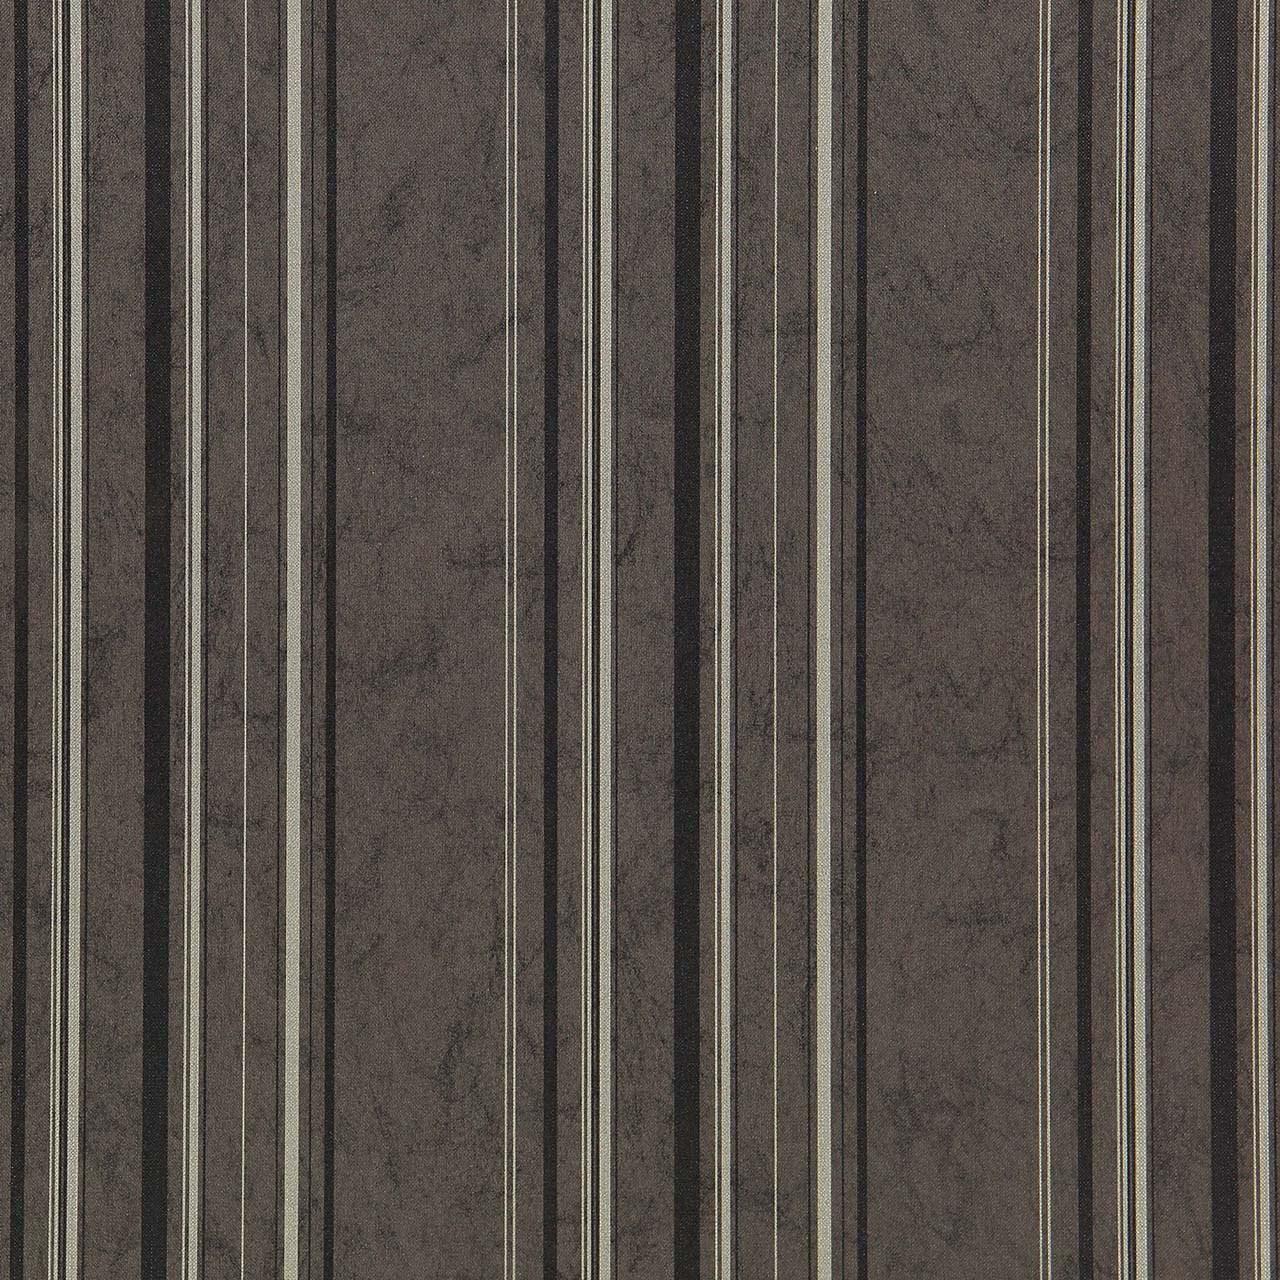 پک کاغذ دیواری ای اند ای آلبوم گلامور مدل 170807  بسته 5 رولی